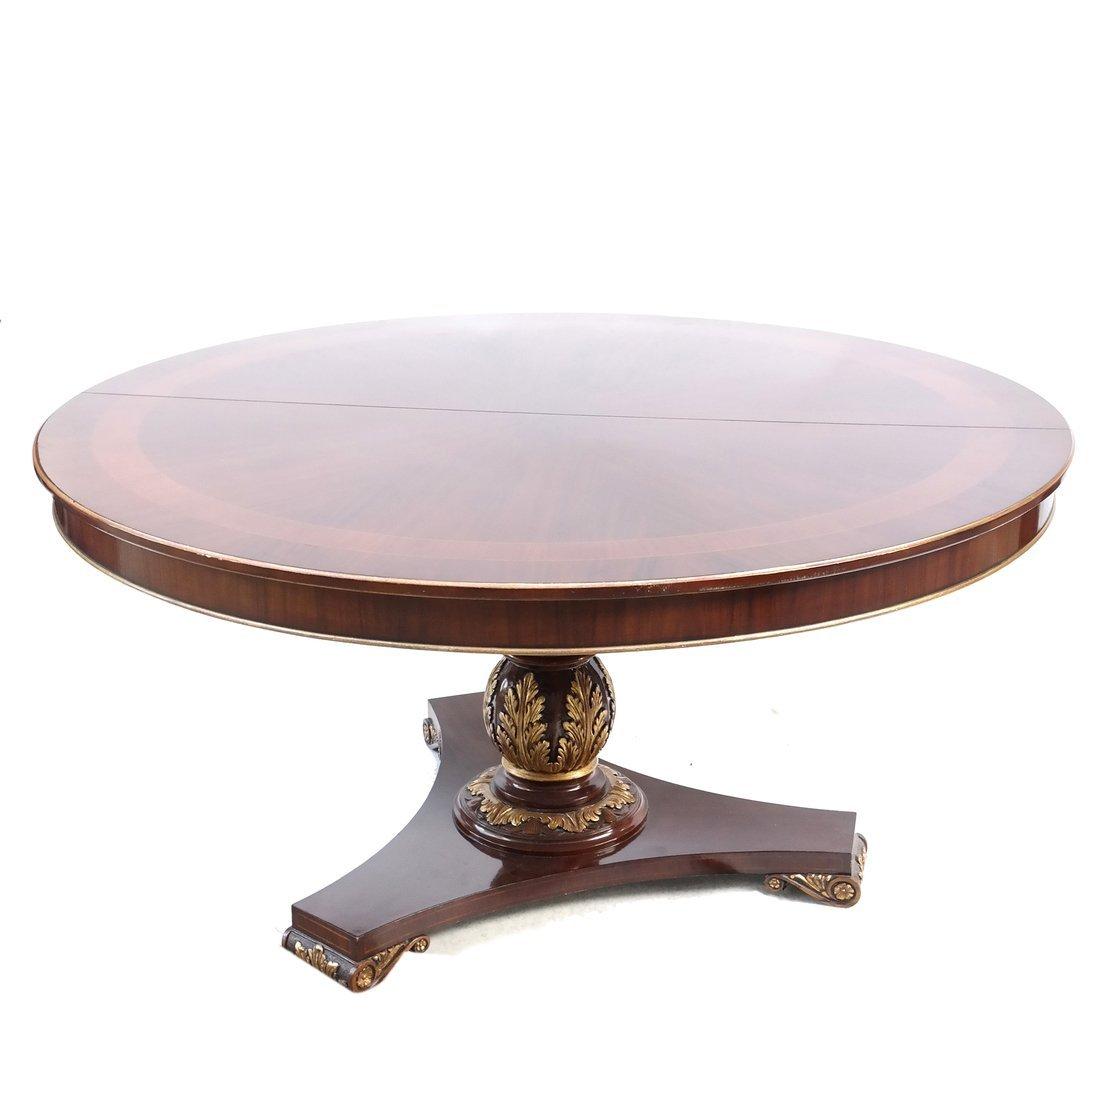 George III Style Circular Dining Table